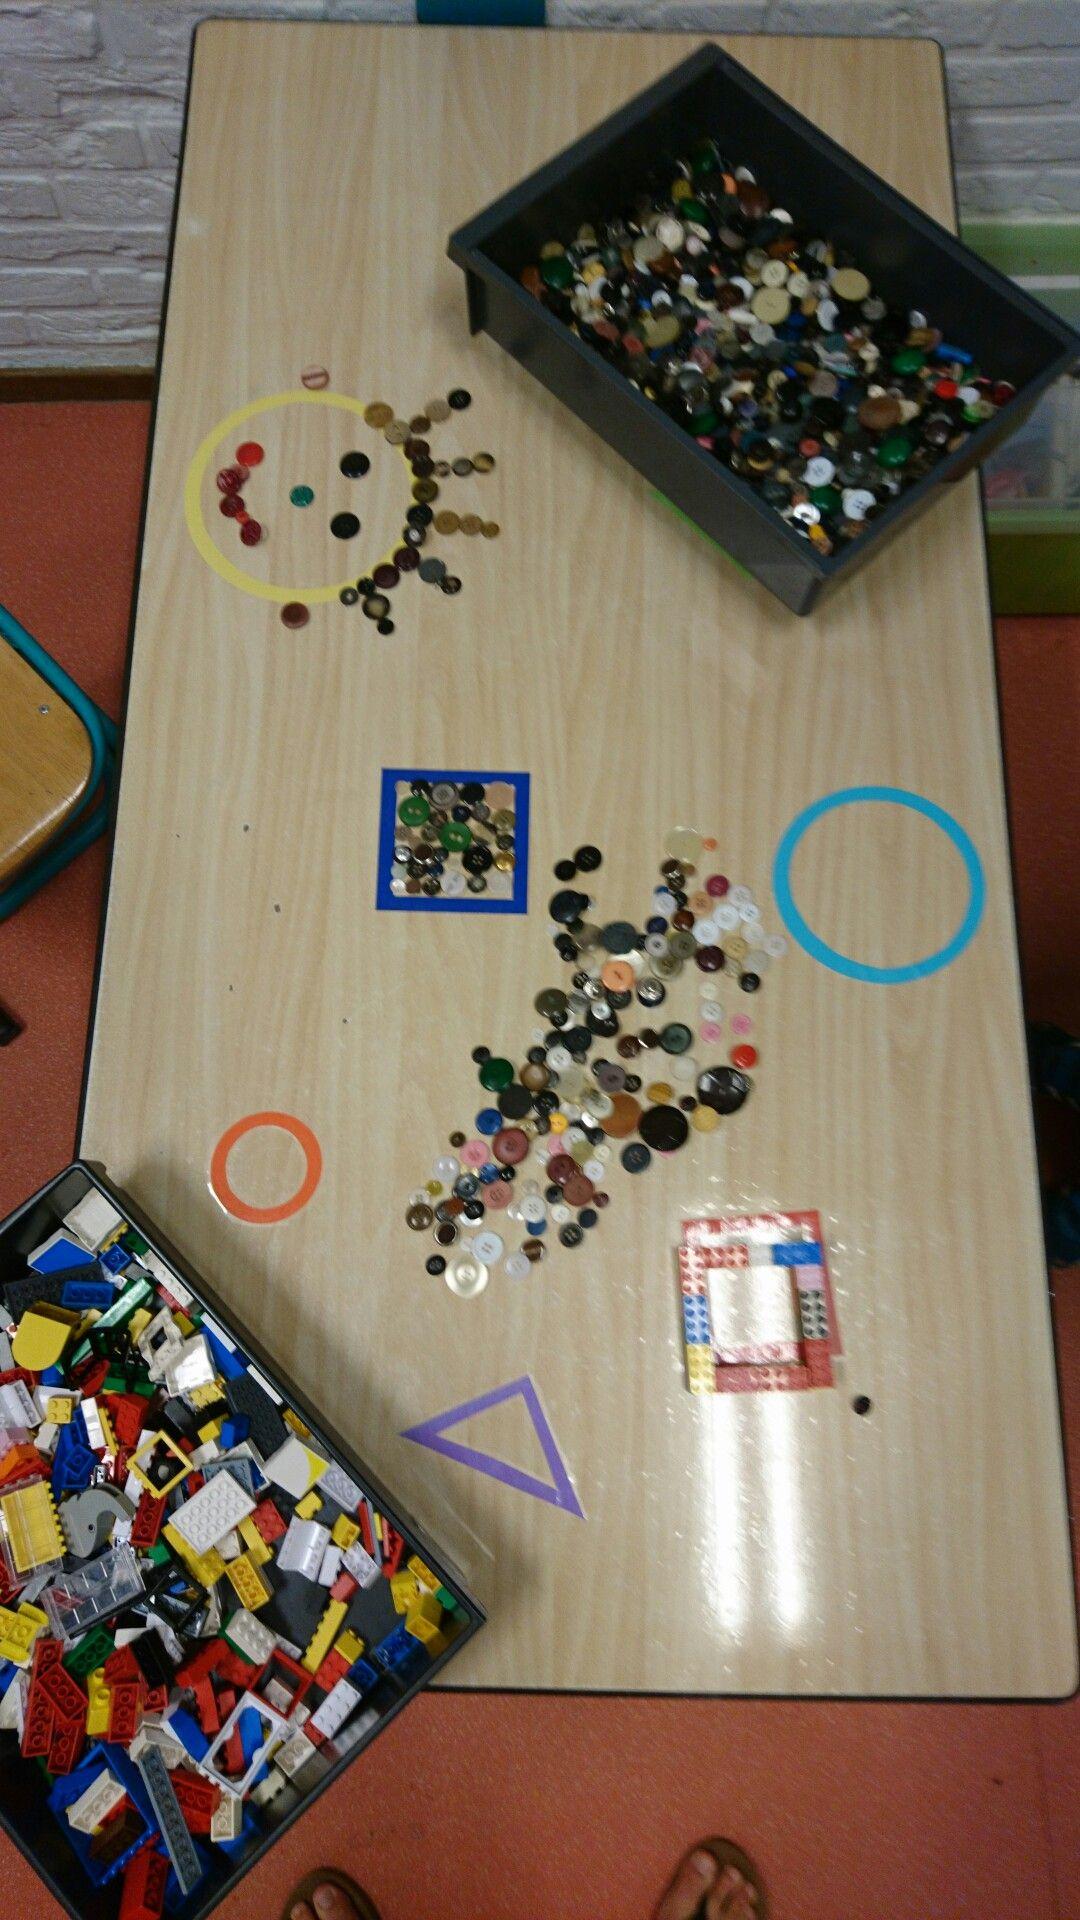 Vormen op tafel geplakt, verschillend materiaal aanbieden en de fantasie van kinderen hun gang laten gaan